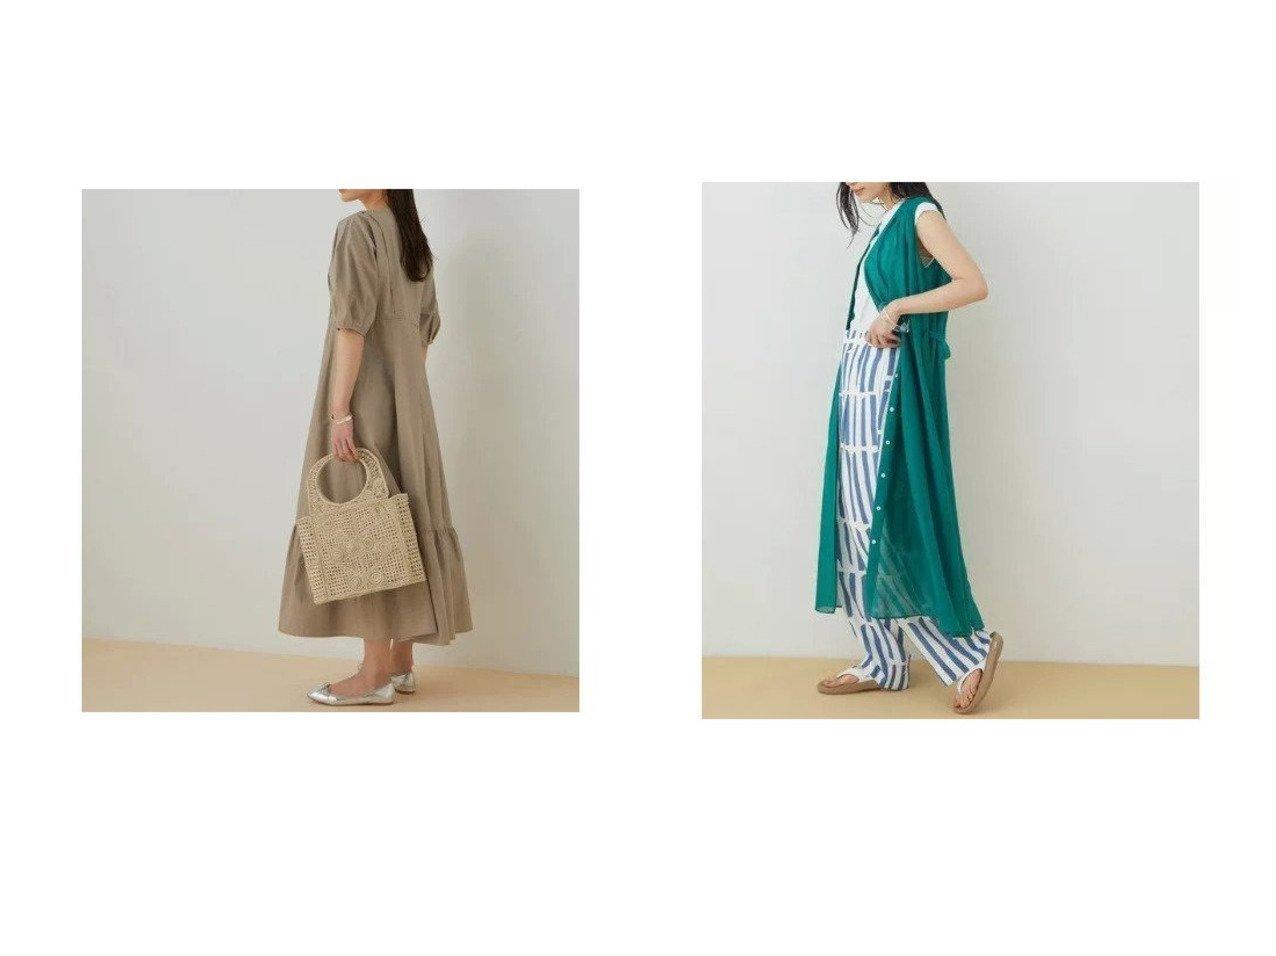 【ADAM ET ROPE'/アダム エ ロペ】のコットンボイルギャザーワンピース&【WEB限定】ボリュームスリーブドレス 【ワンピース・ドレス】おすすめ!人気、トレンド・レディースファッションの通販 おすすめで人気の流行・トレンド、ファッションの通販商品 インテリア・家具・メンズファッション・キッズファッション・レディースファッション・服の通販 founy(ファニー) https://founy.com/ ファッション Fashion レディースファッション WOMEN ワンピース Dress ドレス Party Dresses 春 Spring ギャザー 今季 サンダル スニーカー タイプライター トレンド パイピング フォルム フレア ベーシック ポケット 半袖 2021年 2021 S/S・春夏 SS・Spring/Summer 2021春夏・S/S SS/Spring/Summer/2021 おすすめ Recommend |ID:crp329100000041736